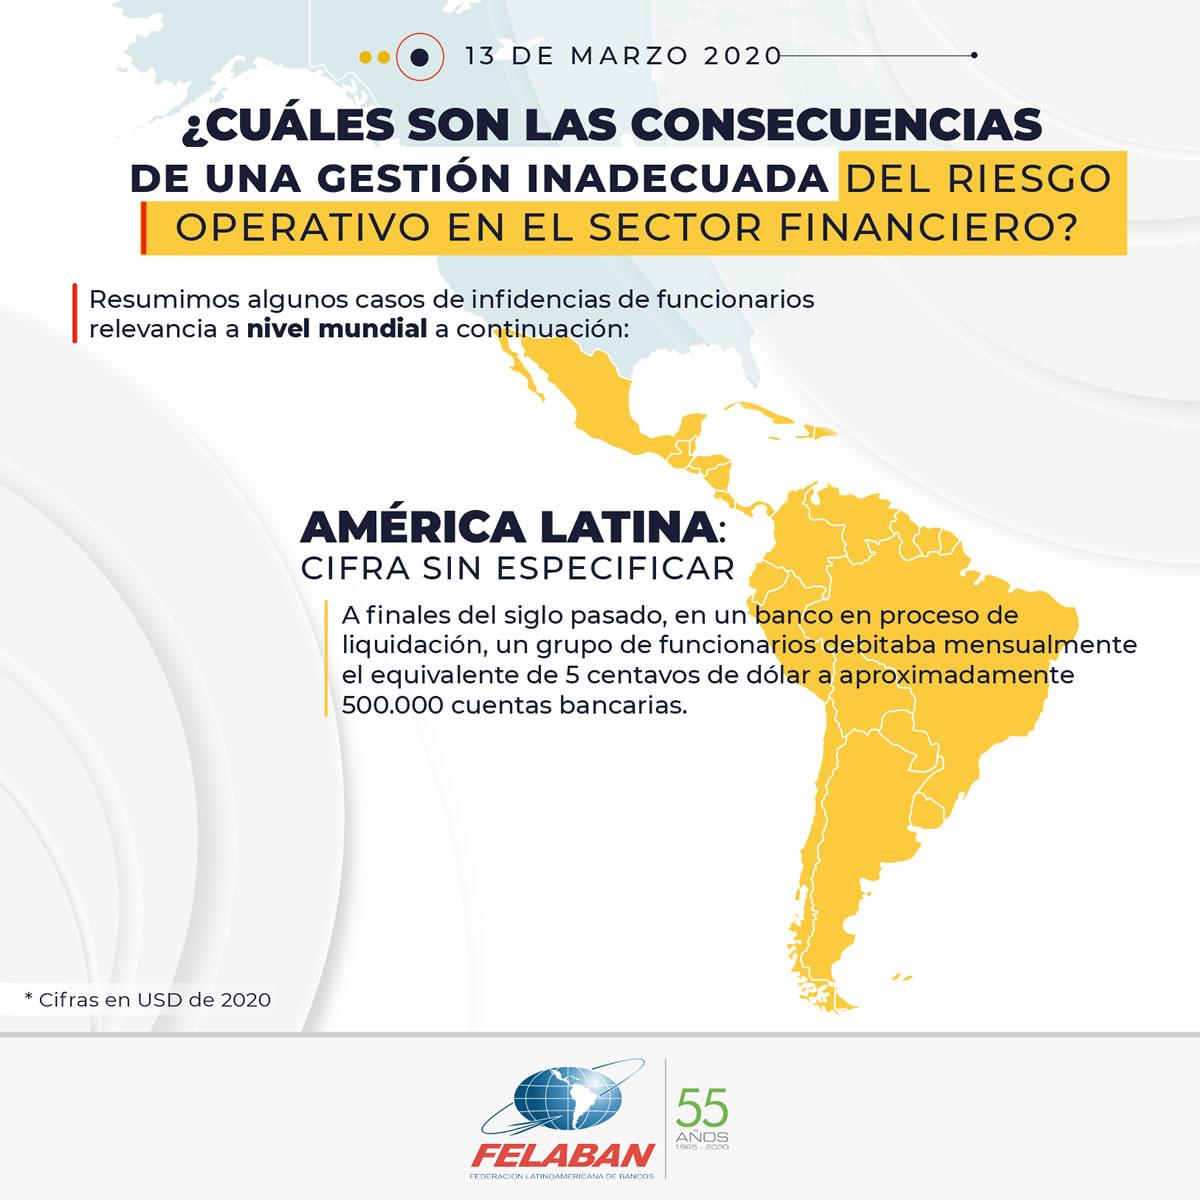 Gráfica Económica Nro 18-5 - ¿Cuáles son las consecuencias de una gestión inadecuada del riesgo operativo en el sector financiero? - América Latina